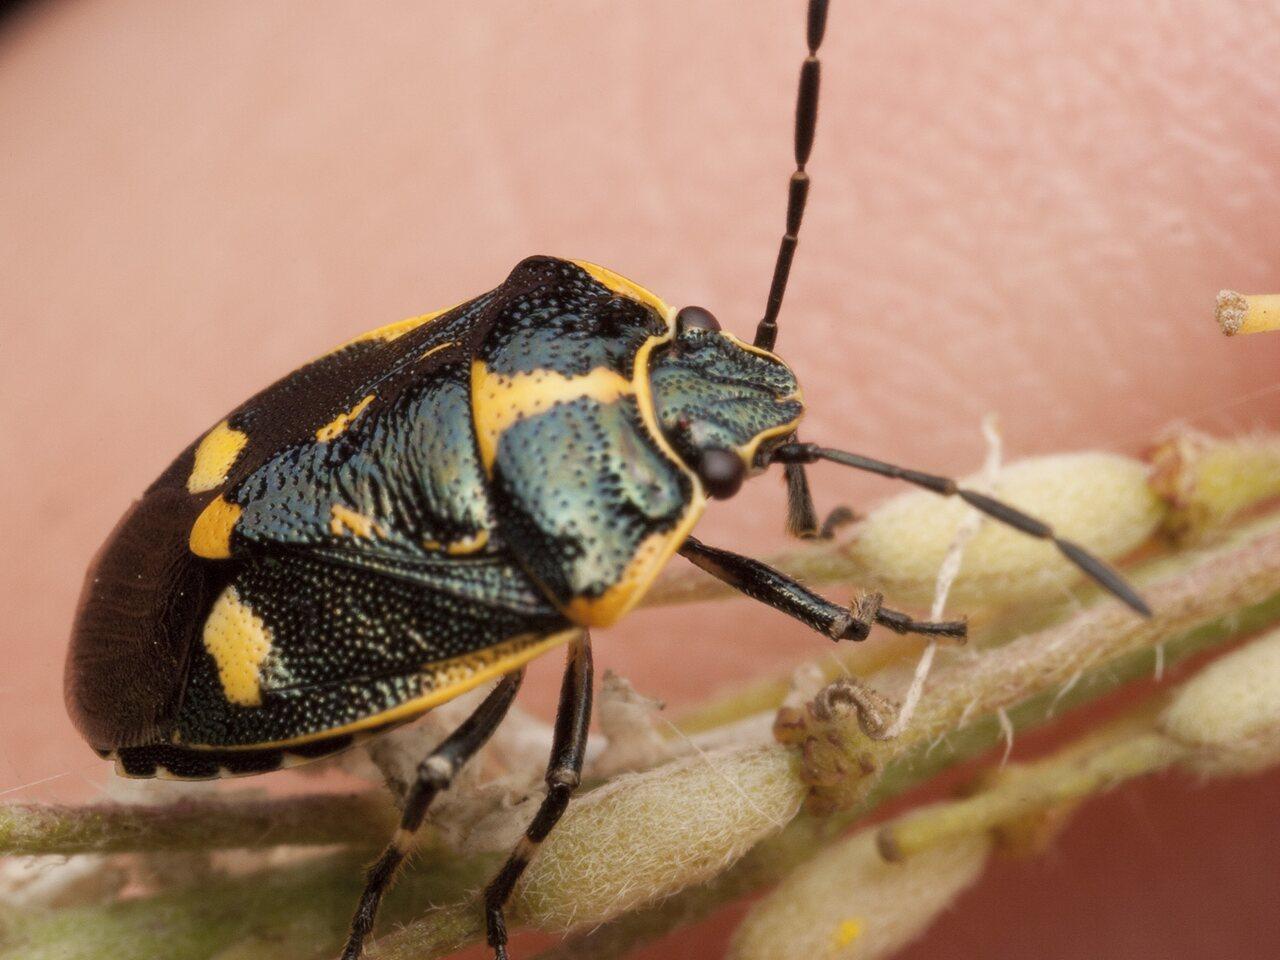 Eurydema-oleracea-2969.jpg